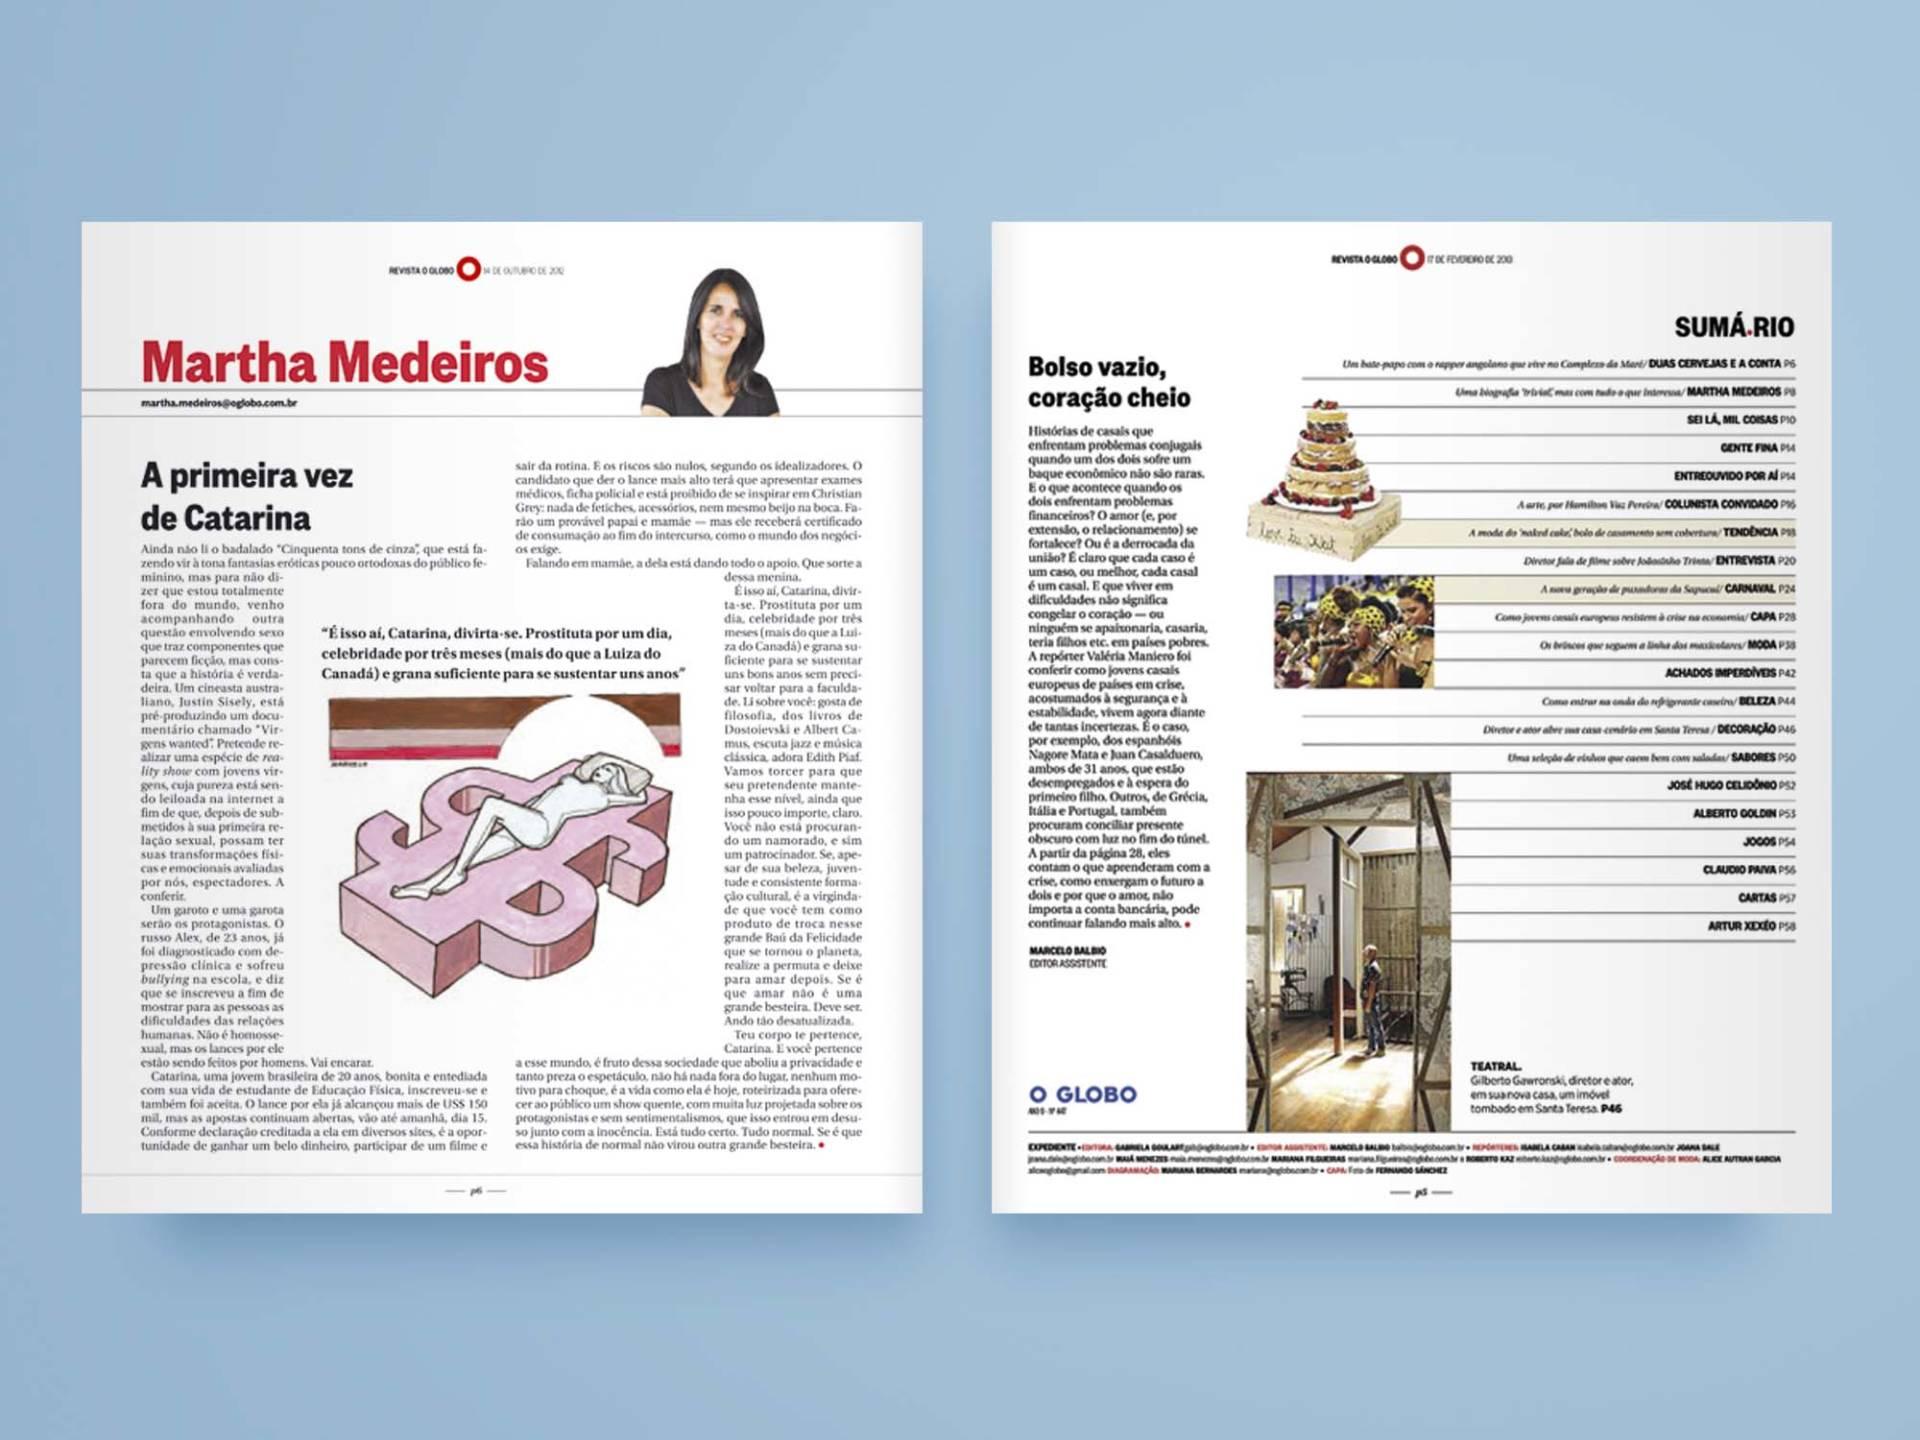 Revista_O_Globo_02_Wenceslau_News_Design